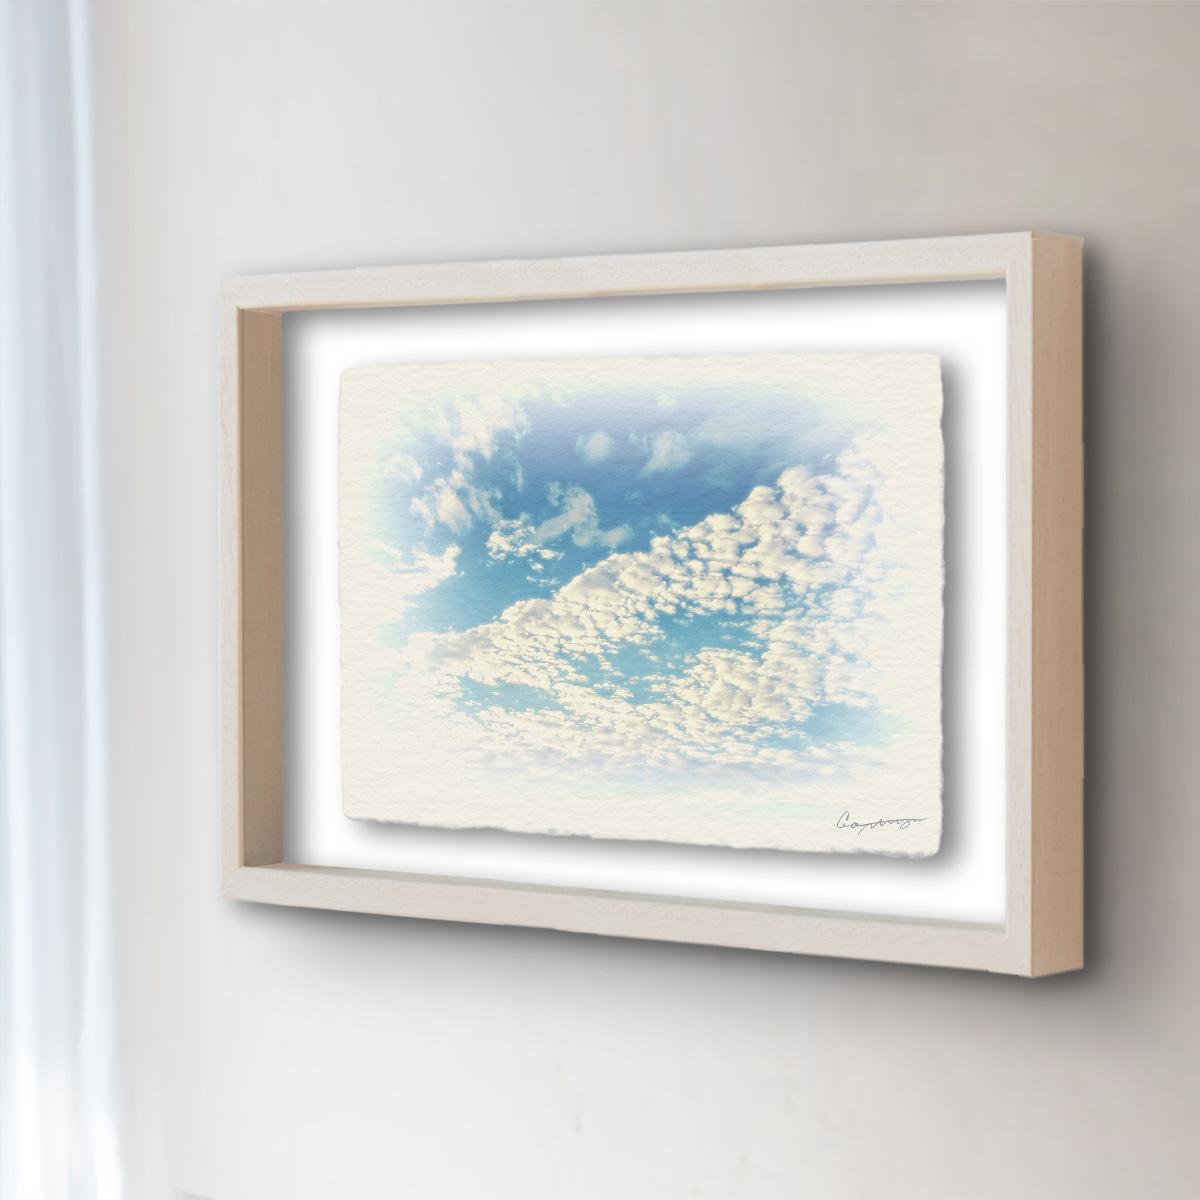 和紙 手作り アートフレーム 「青空に輝くうろこ雲」(32x26cm) 絵画 絵 ポスター 壁掛け モダン アート 和風 オリジナル インテリア 風景画 ランキング おすすめ おしゃれ 人気 キッチン リビング ダイニング 玄関 和室